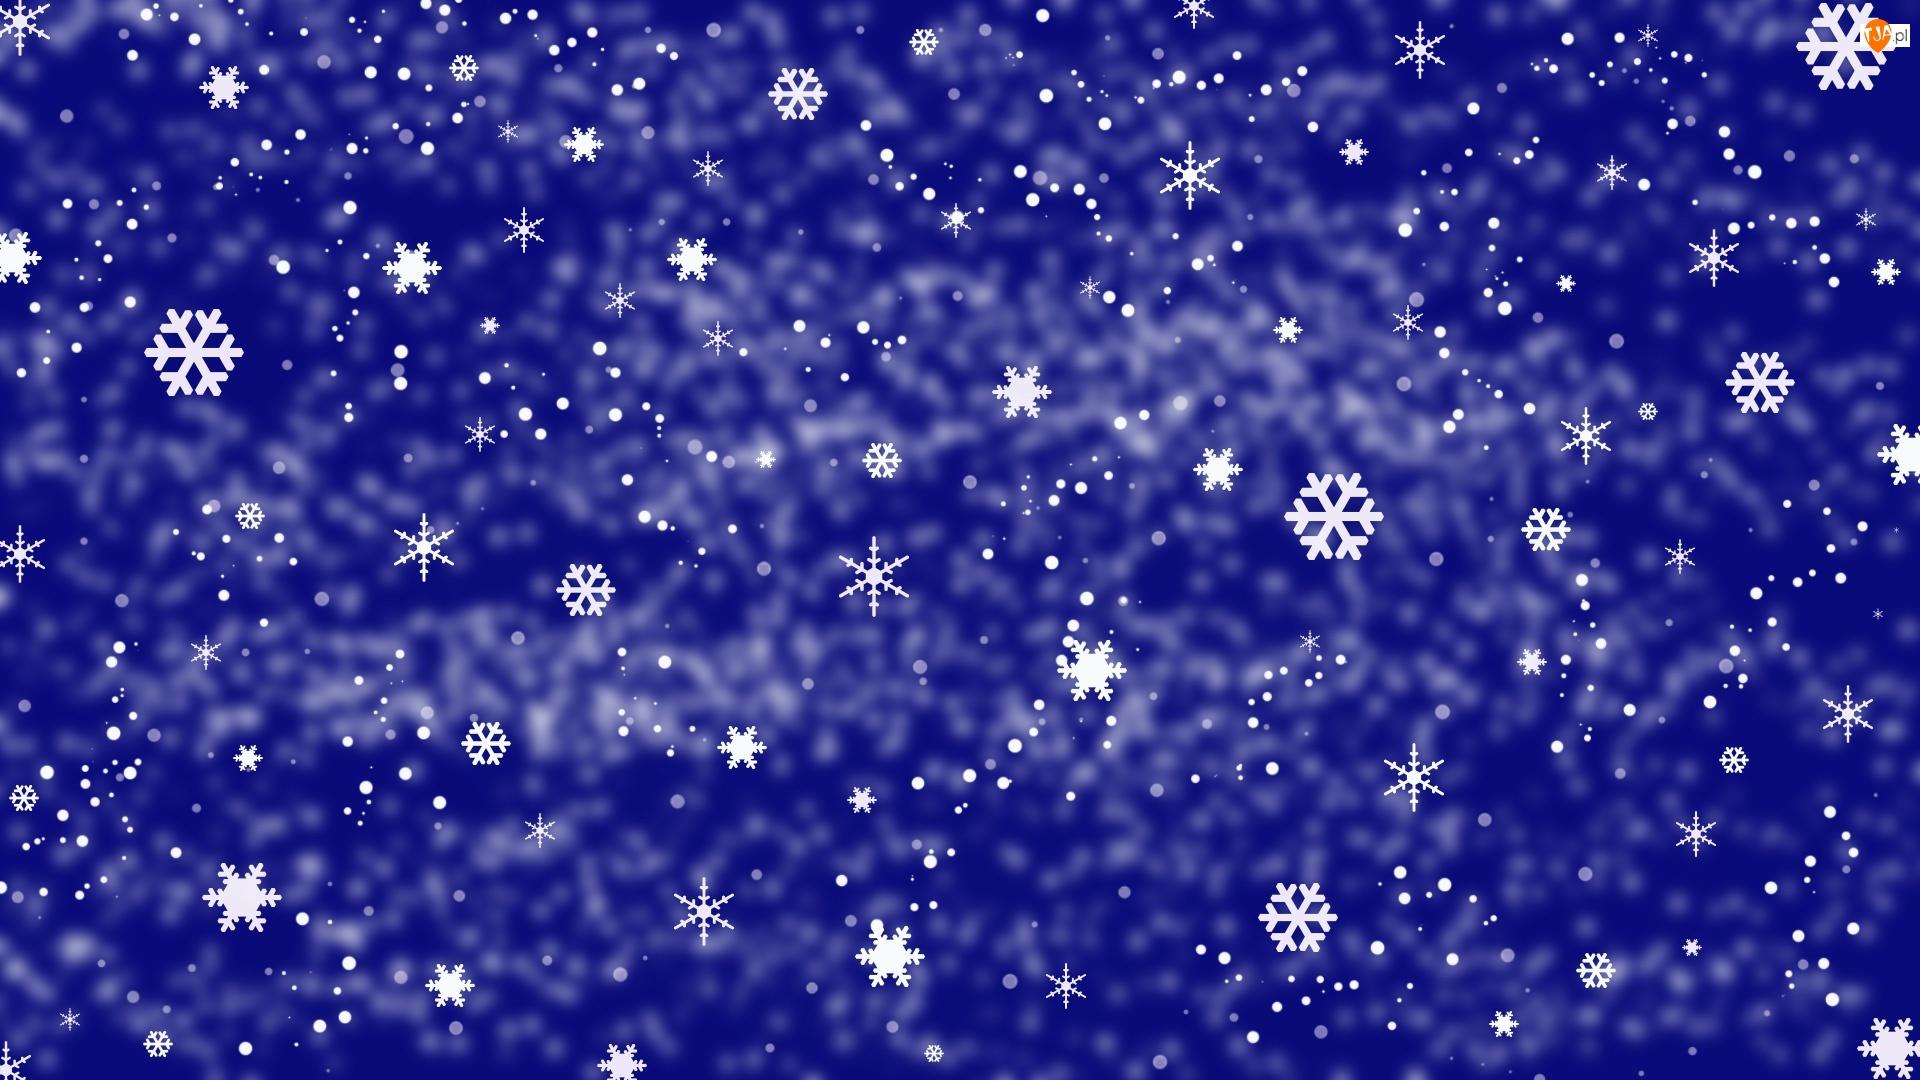 Śniegu, Niebieskie tło, Płatki, Tekstura, Gwiazdki